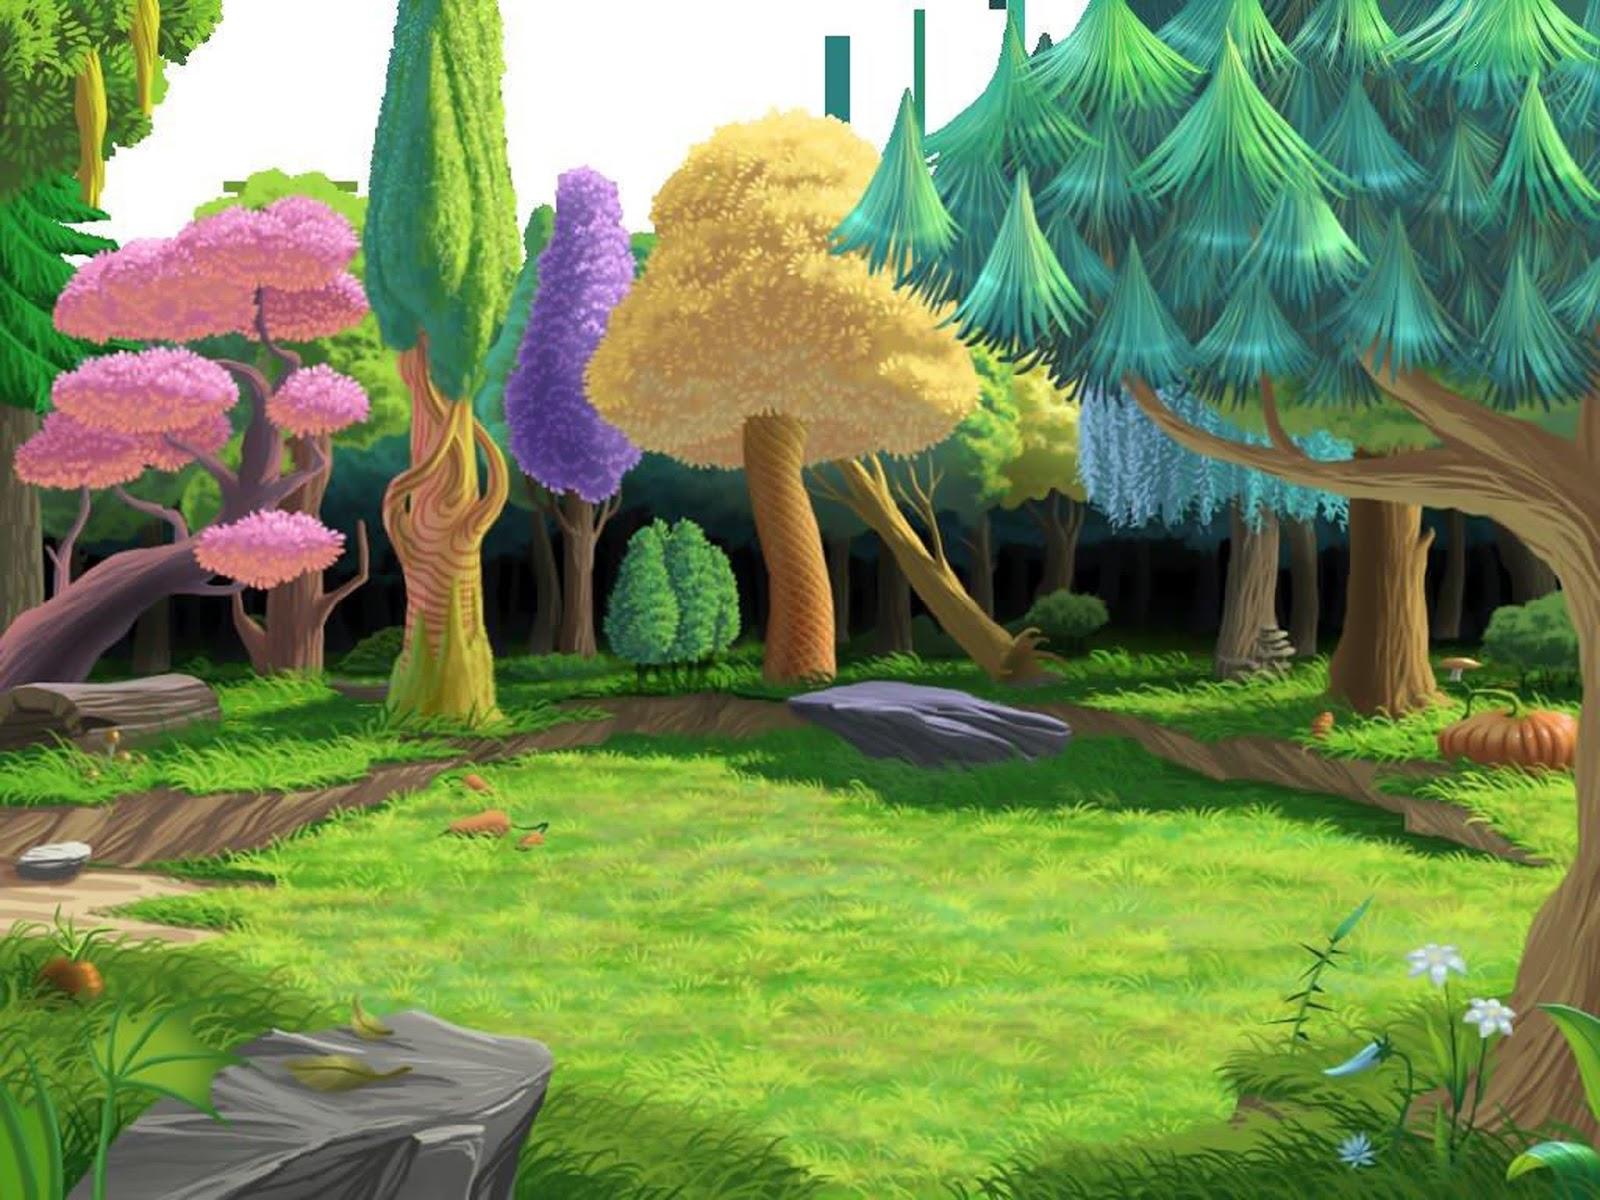 Fondos hd wallpapers fondo de pantalla para ni os peque os for Jardines pequenos para ninos